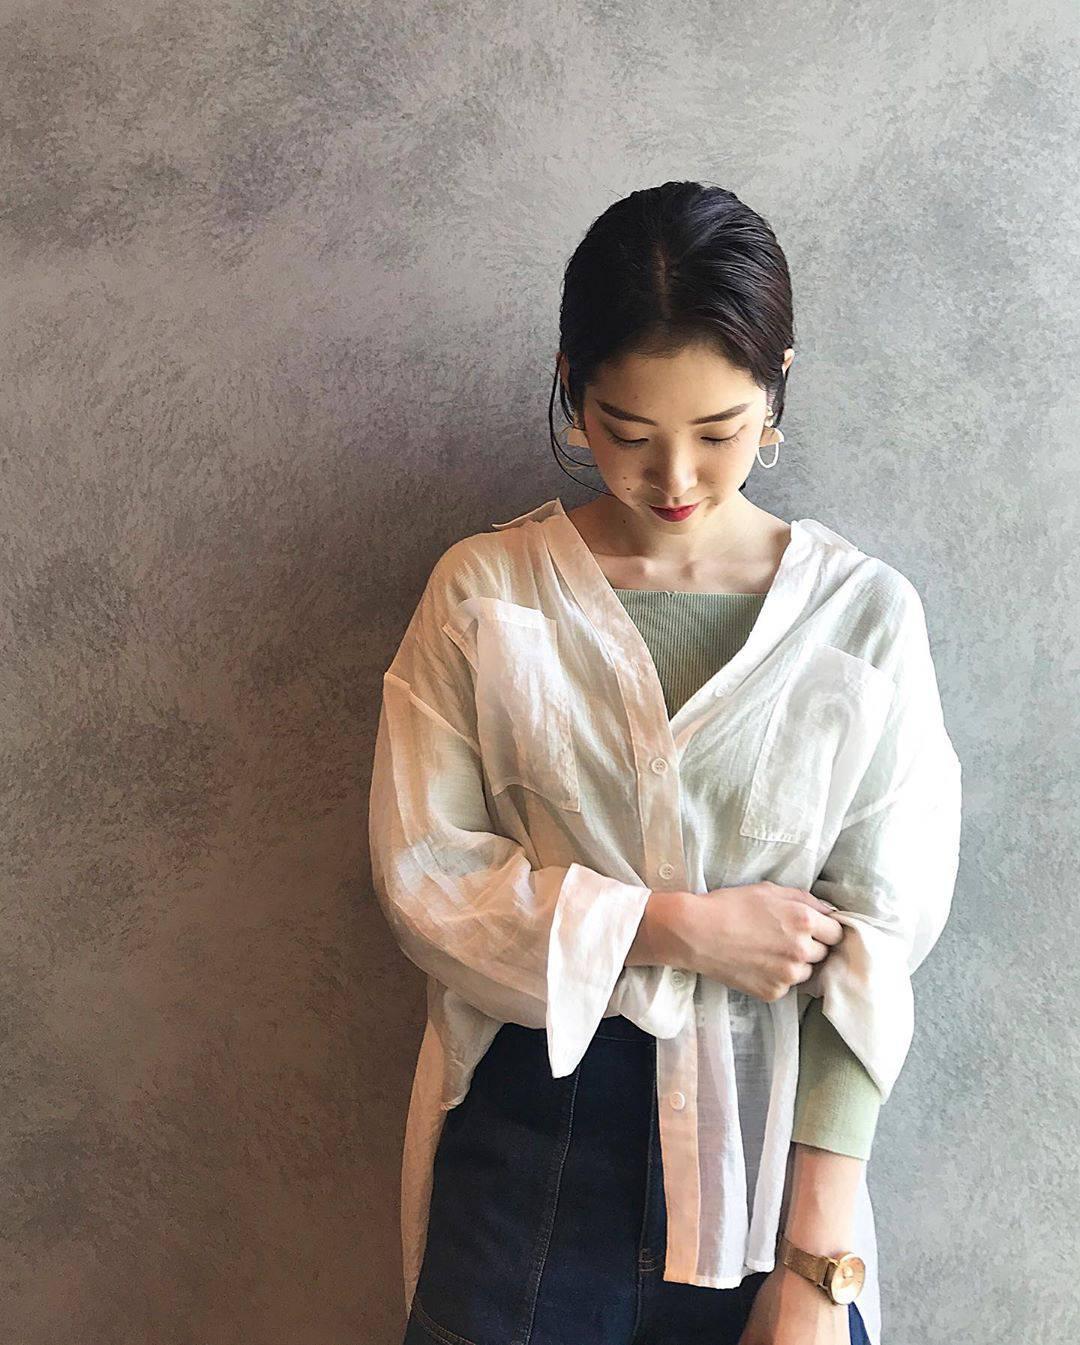 最高気温15度・最低気温4度 hikari_k0122の服装